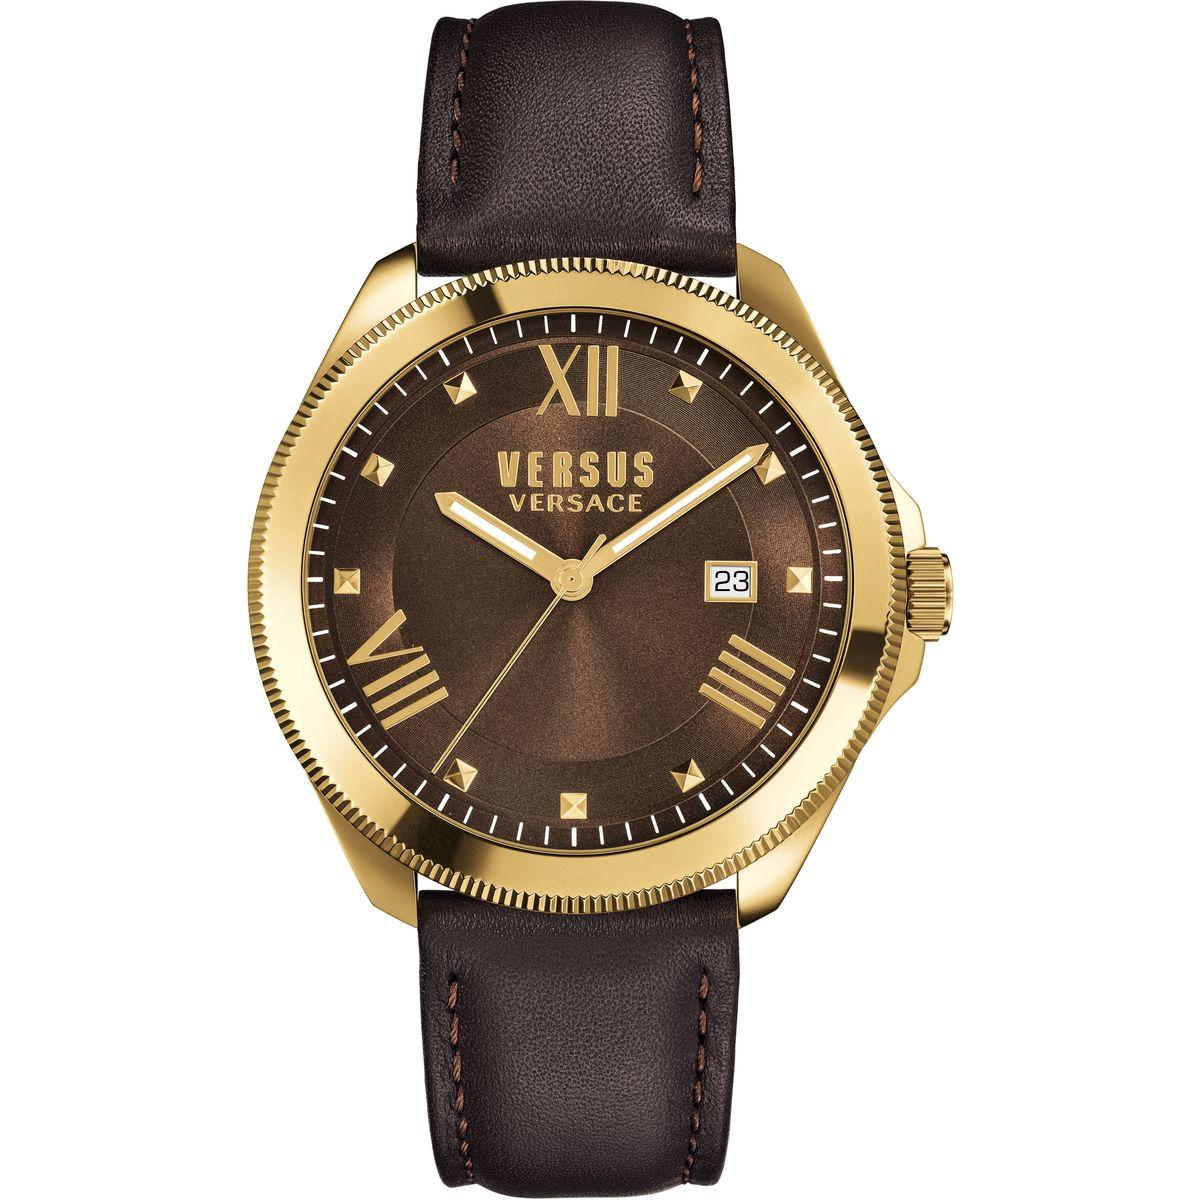 Часы наручные женские Versus Versace, цвет: золотой, коричневый. SBE02 0015SBE02 0015Элегантные женские часы Versus Versace выполнены из нержавеющей стали, натуральной кожи и минерального стекла. Циферблат часов дополнен символикой бренда. Корпус часов оснащен кварцевым механизмом, имеет степень влагозащиты равную 3 atm, а также дополнен устойчивым к царапинам минеральным стеклом. Стрелки дополнены светящимся составом. Ремешок часов оснащен классической пряжкой, которая позволит с легкостью снимать и надевать изделие. Часы поставляются в фирменной упаковке. Часы Versus Versace подчеркнут изящность женской руки и отменное чувство стиля у их обладательницы.